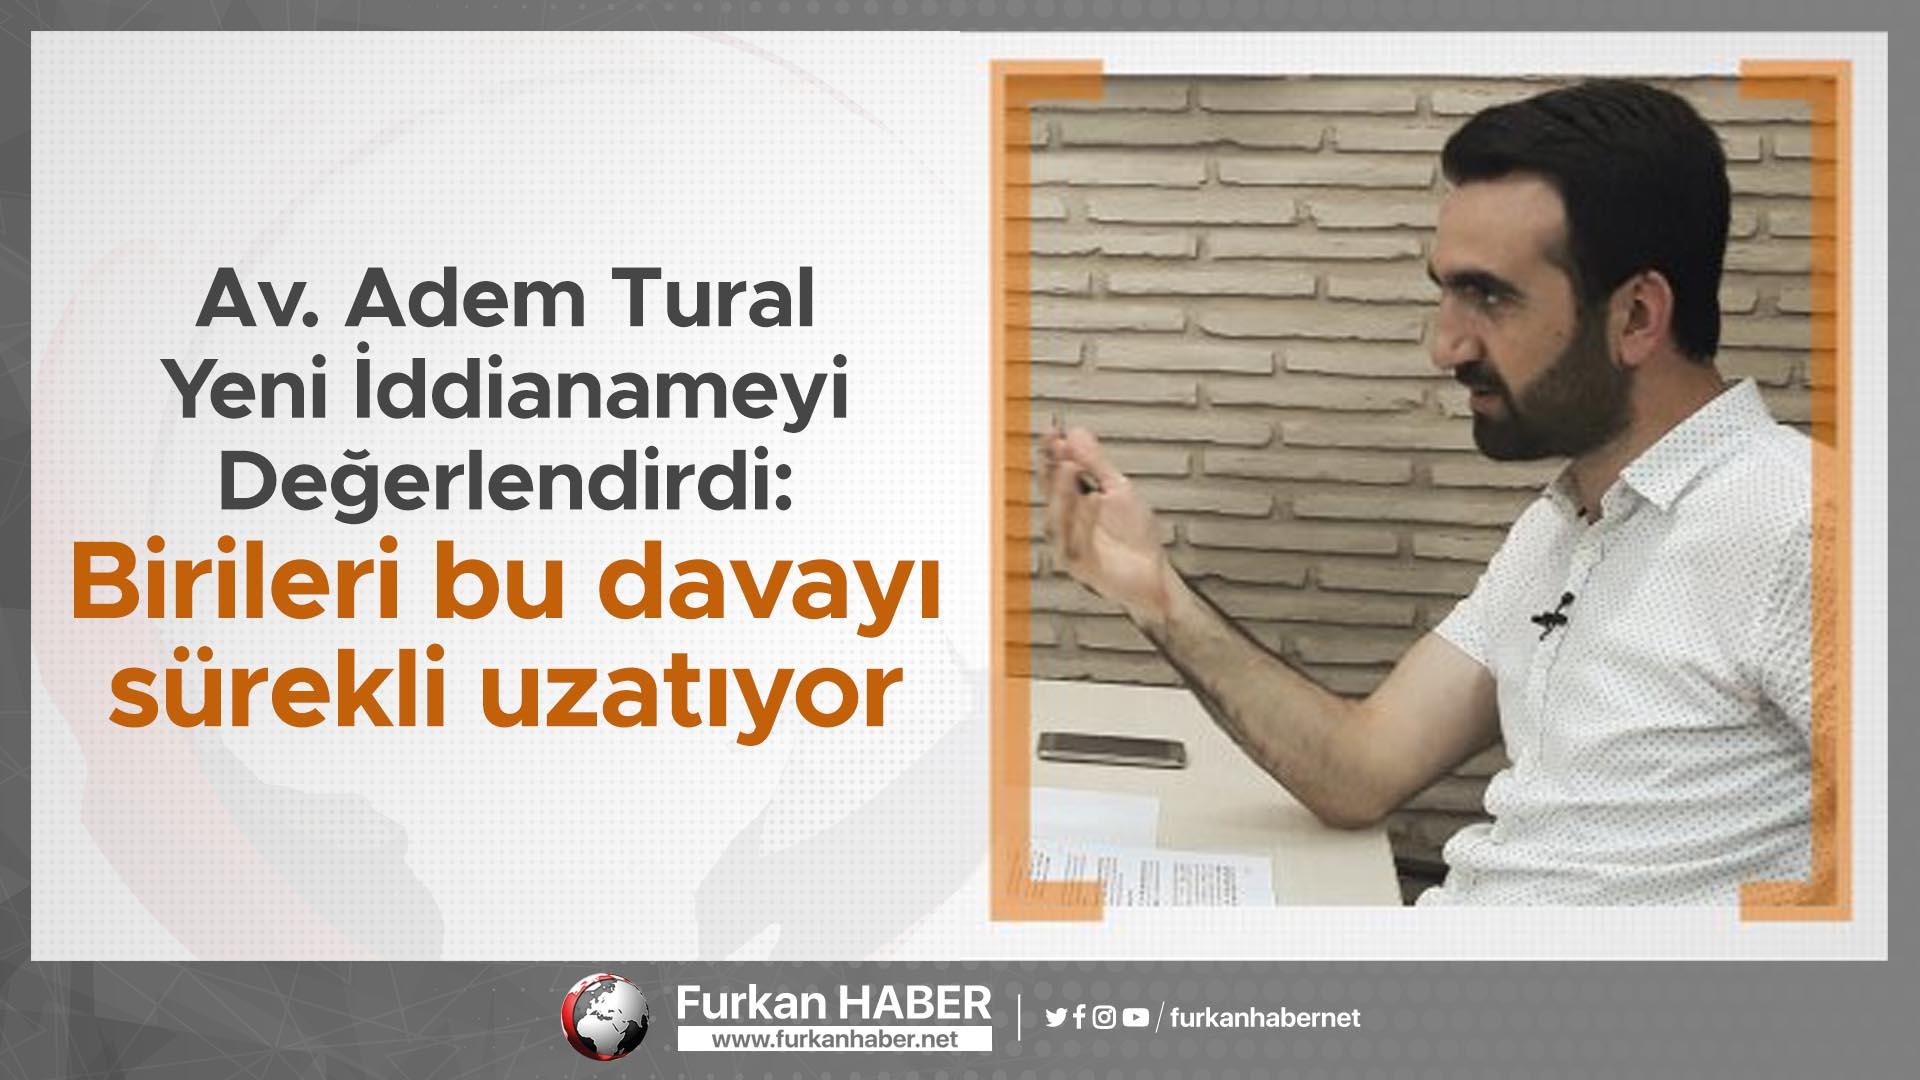 Av. Adem Tural yeni iddianameyi değerlendirdi: Birileri bu davayı sürekli uzatıyor